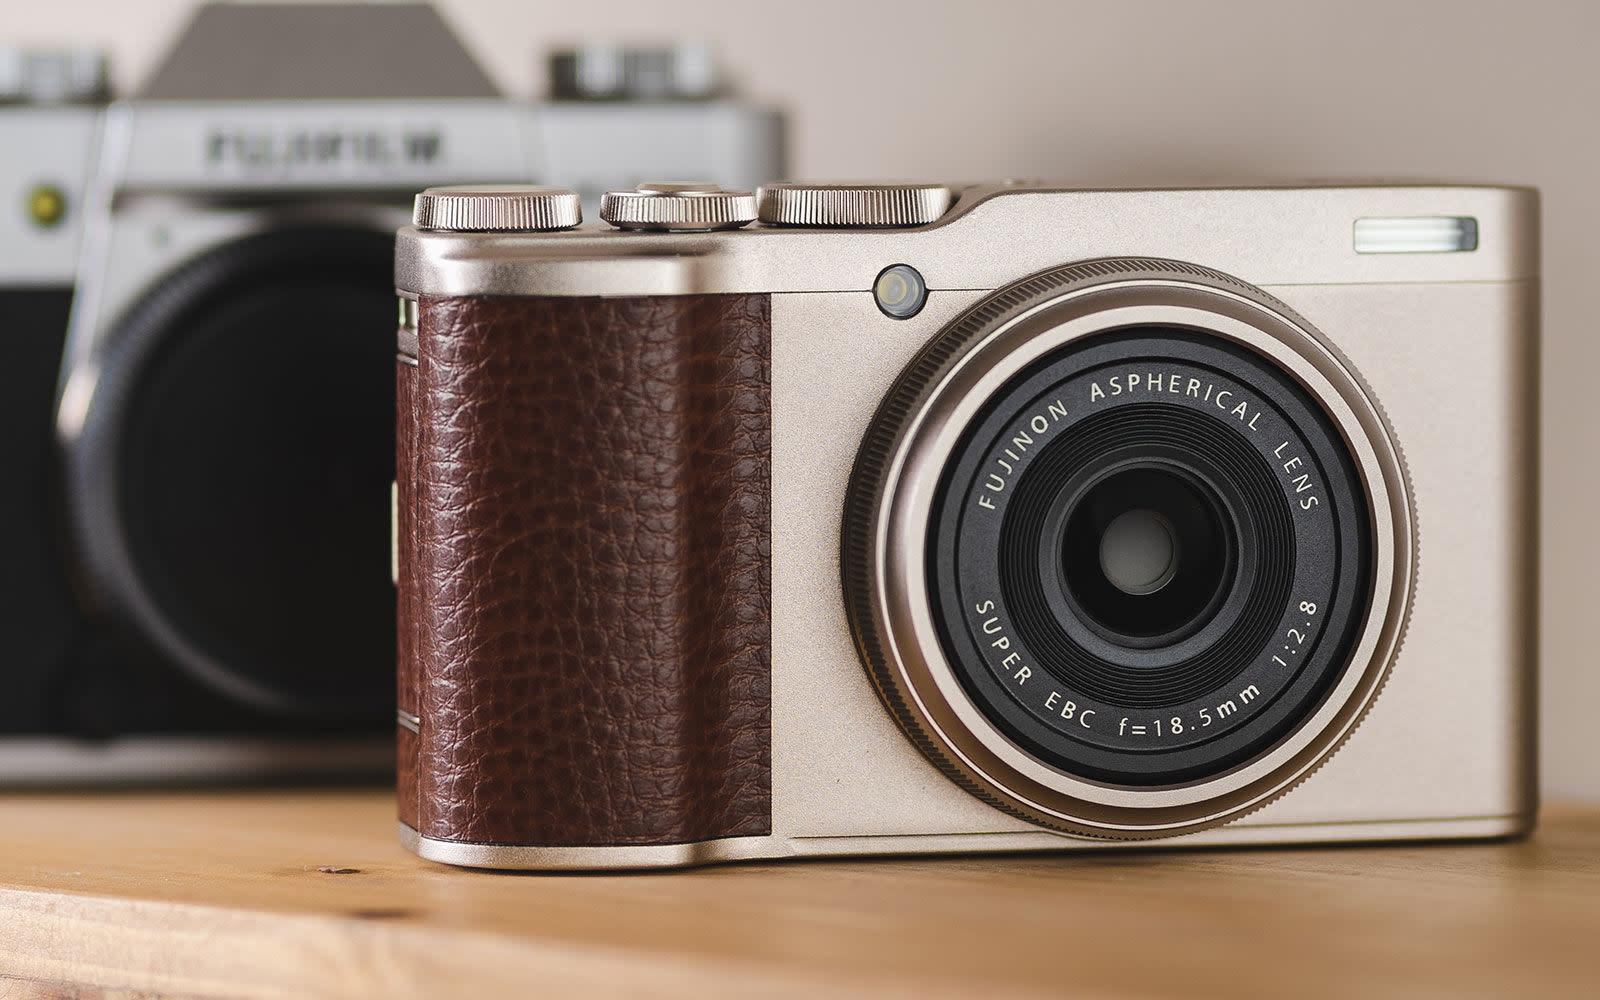 Fujifilm XF10 compact camera